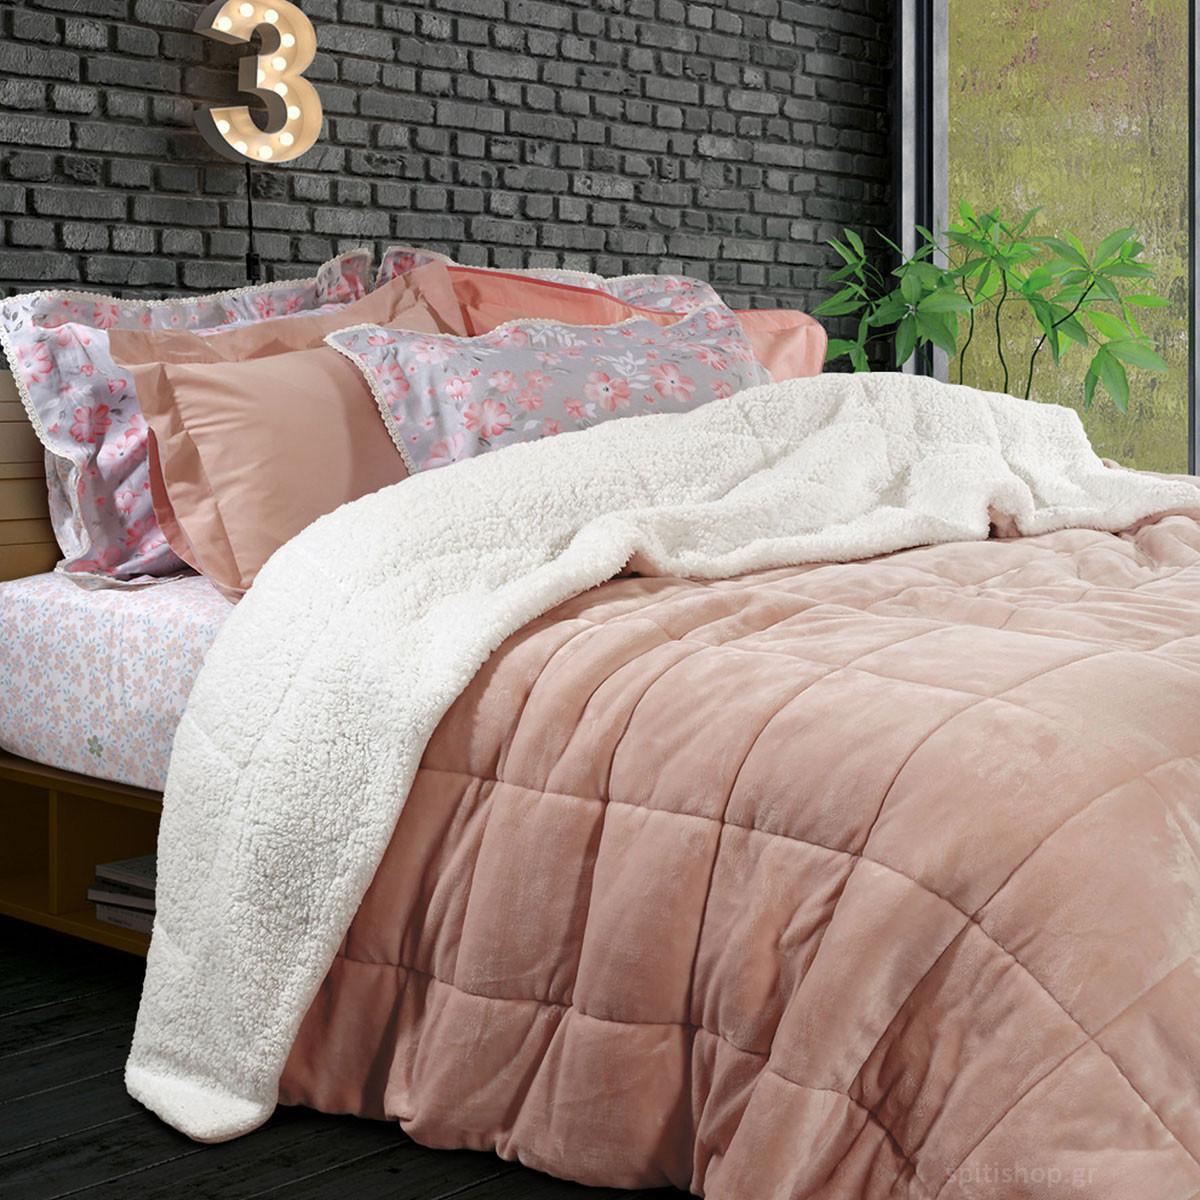 Κουβερτοπάπλωμα Υπέρδιπλο Das Home Blanket Fleece Sherpa 1125 home   κρεβατοκάμαρα   παπλώματα   κουβερτοπαπλώματα